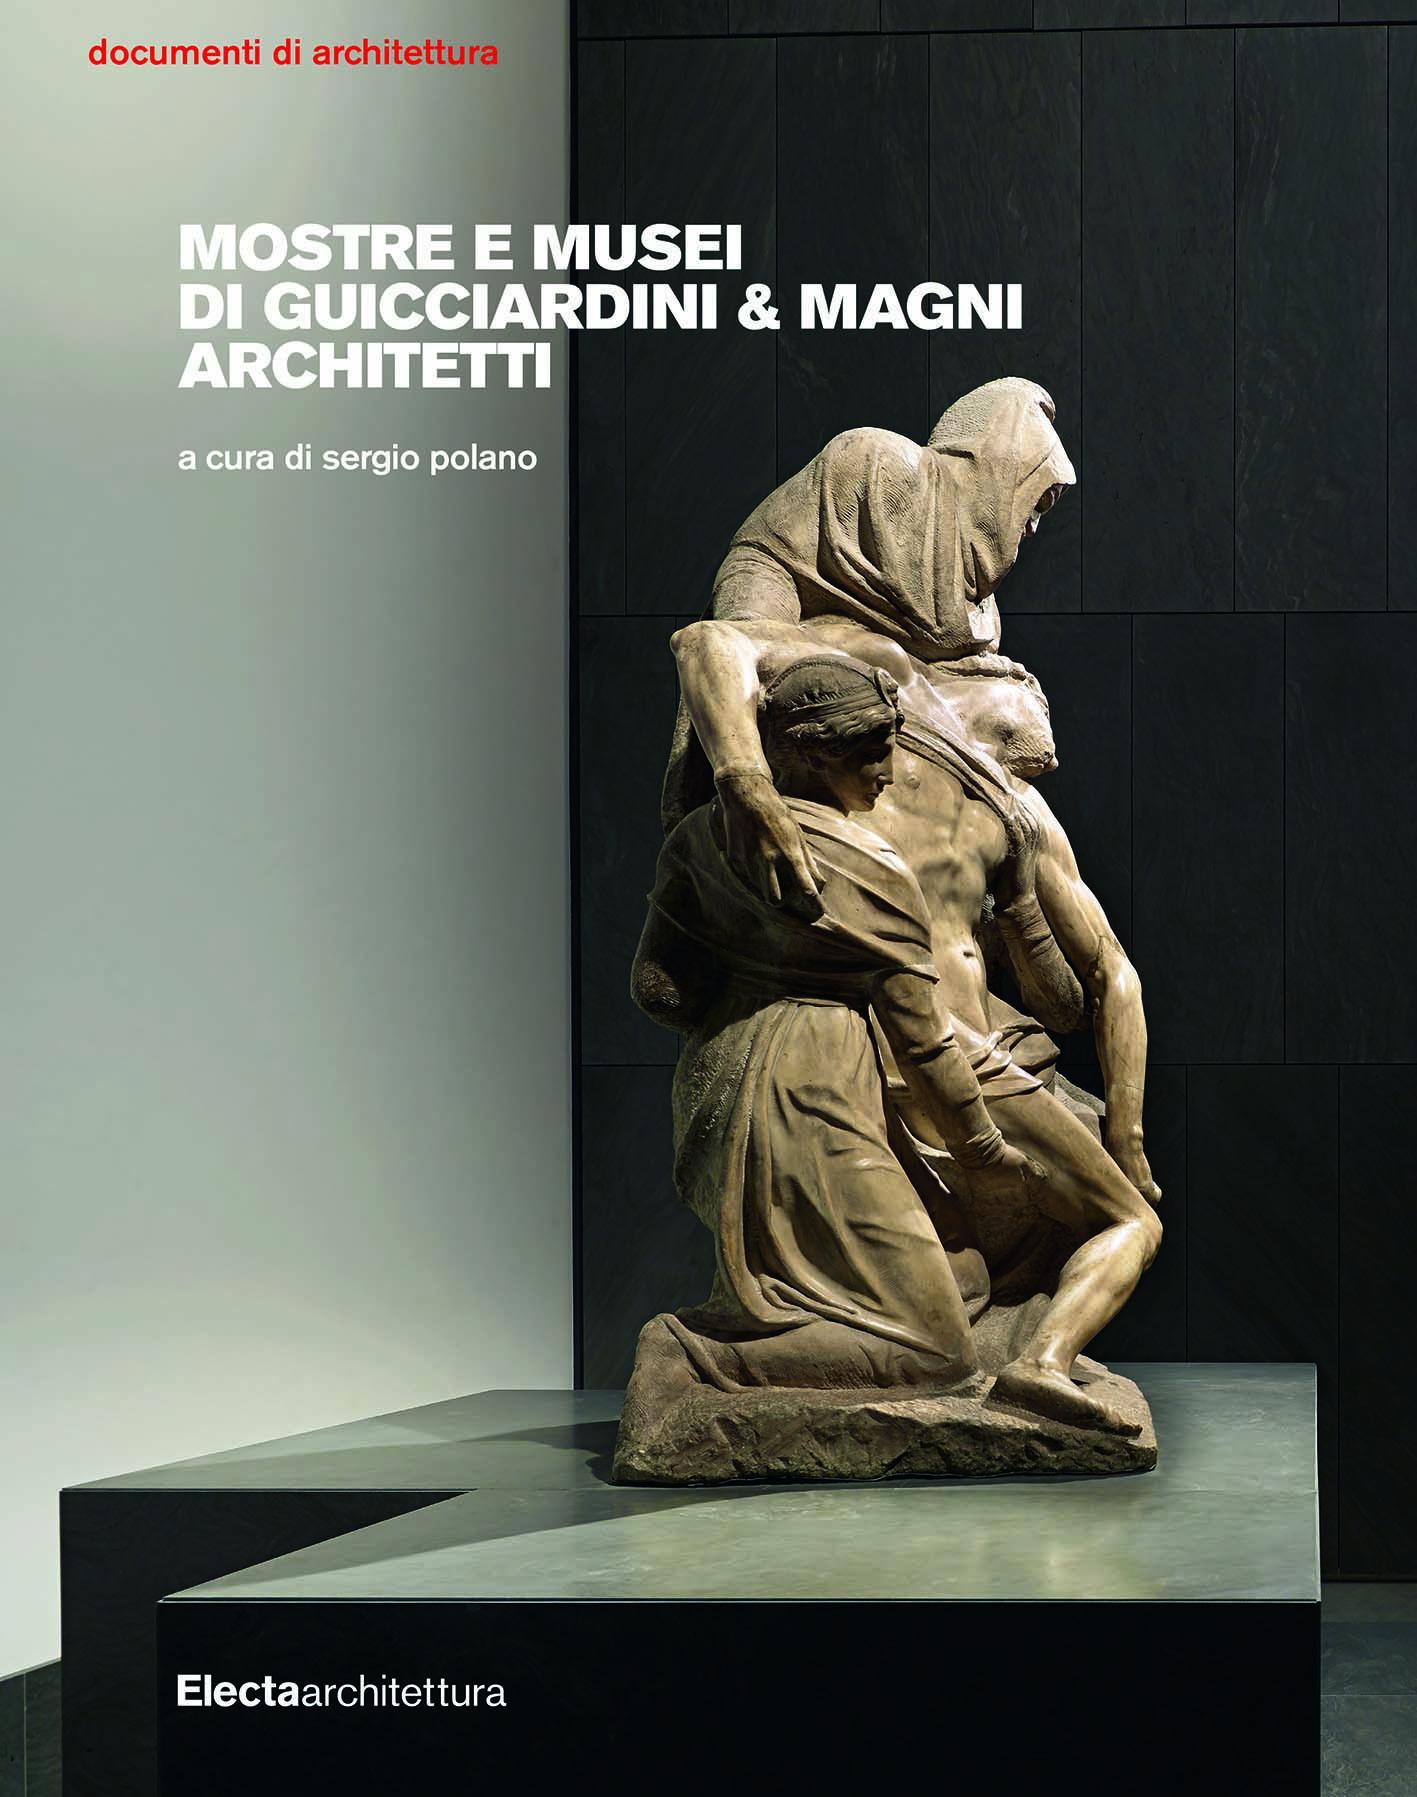 Mostre e musei di Guicciardini & Magni Architetti, a cura di Sergio Polano. Electaarchitettura, 2019